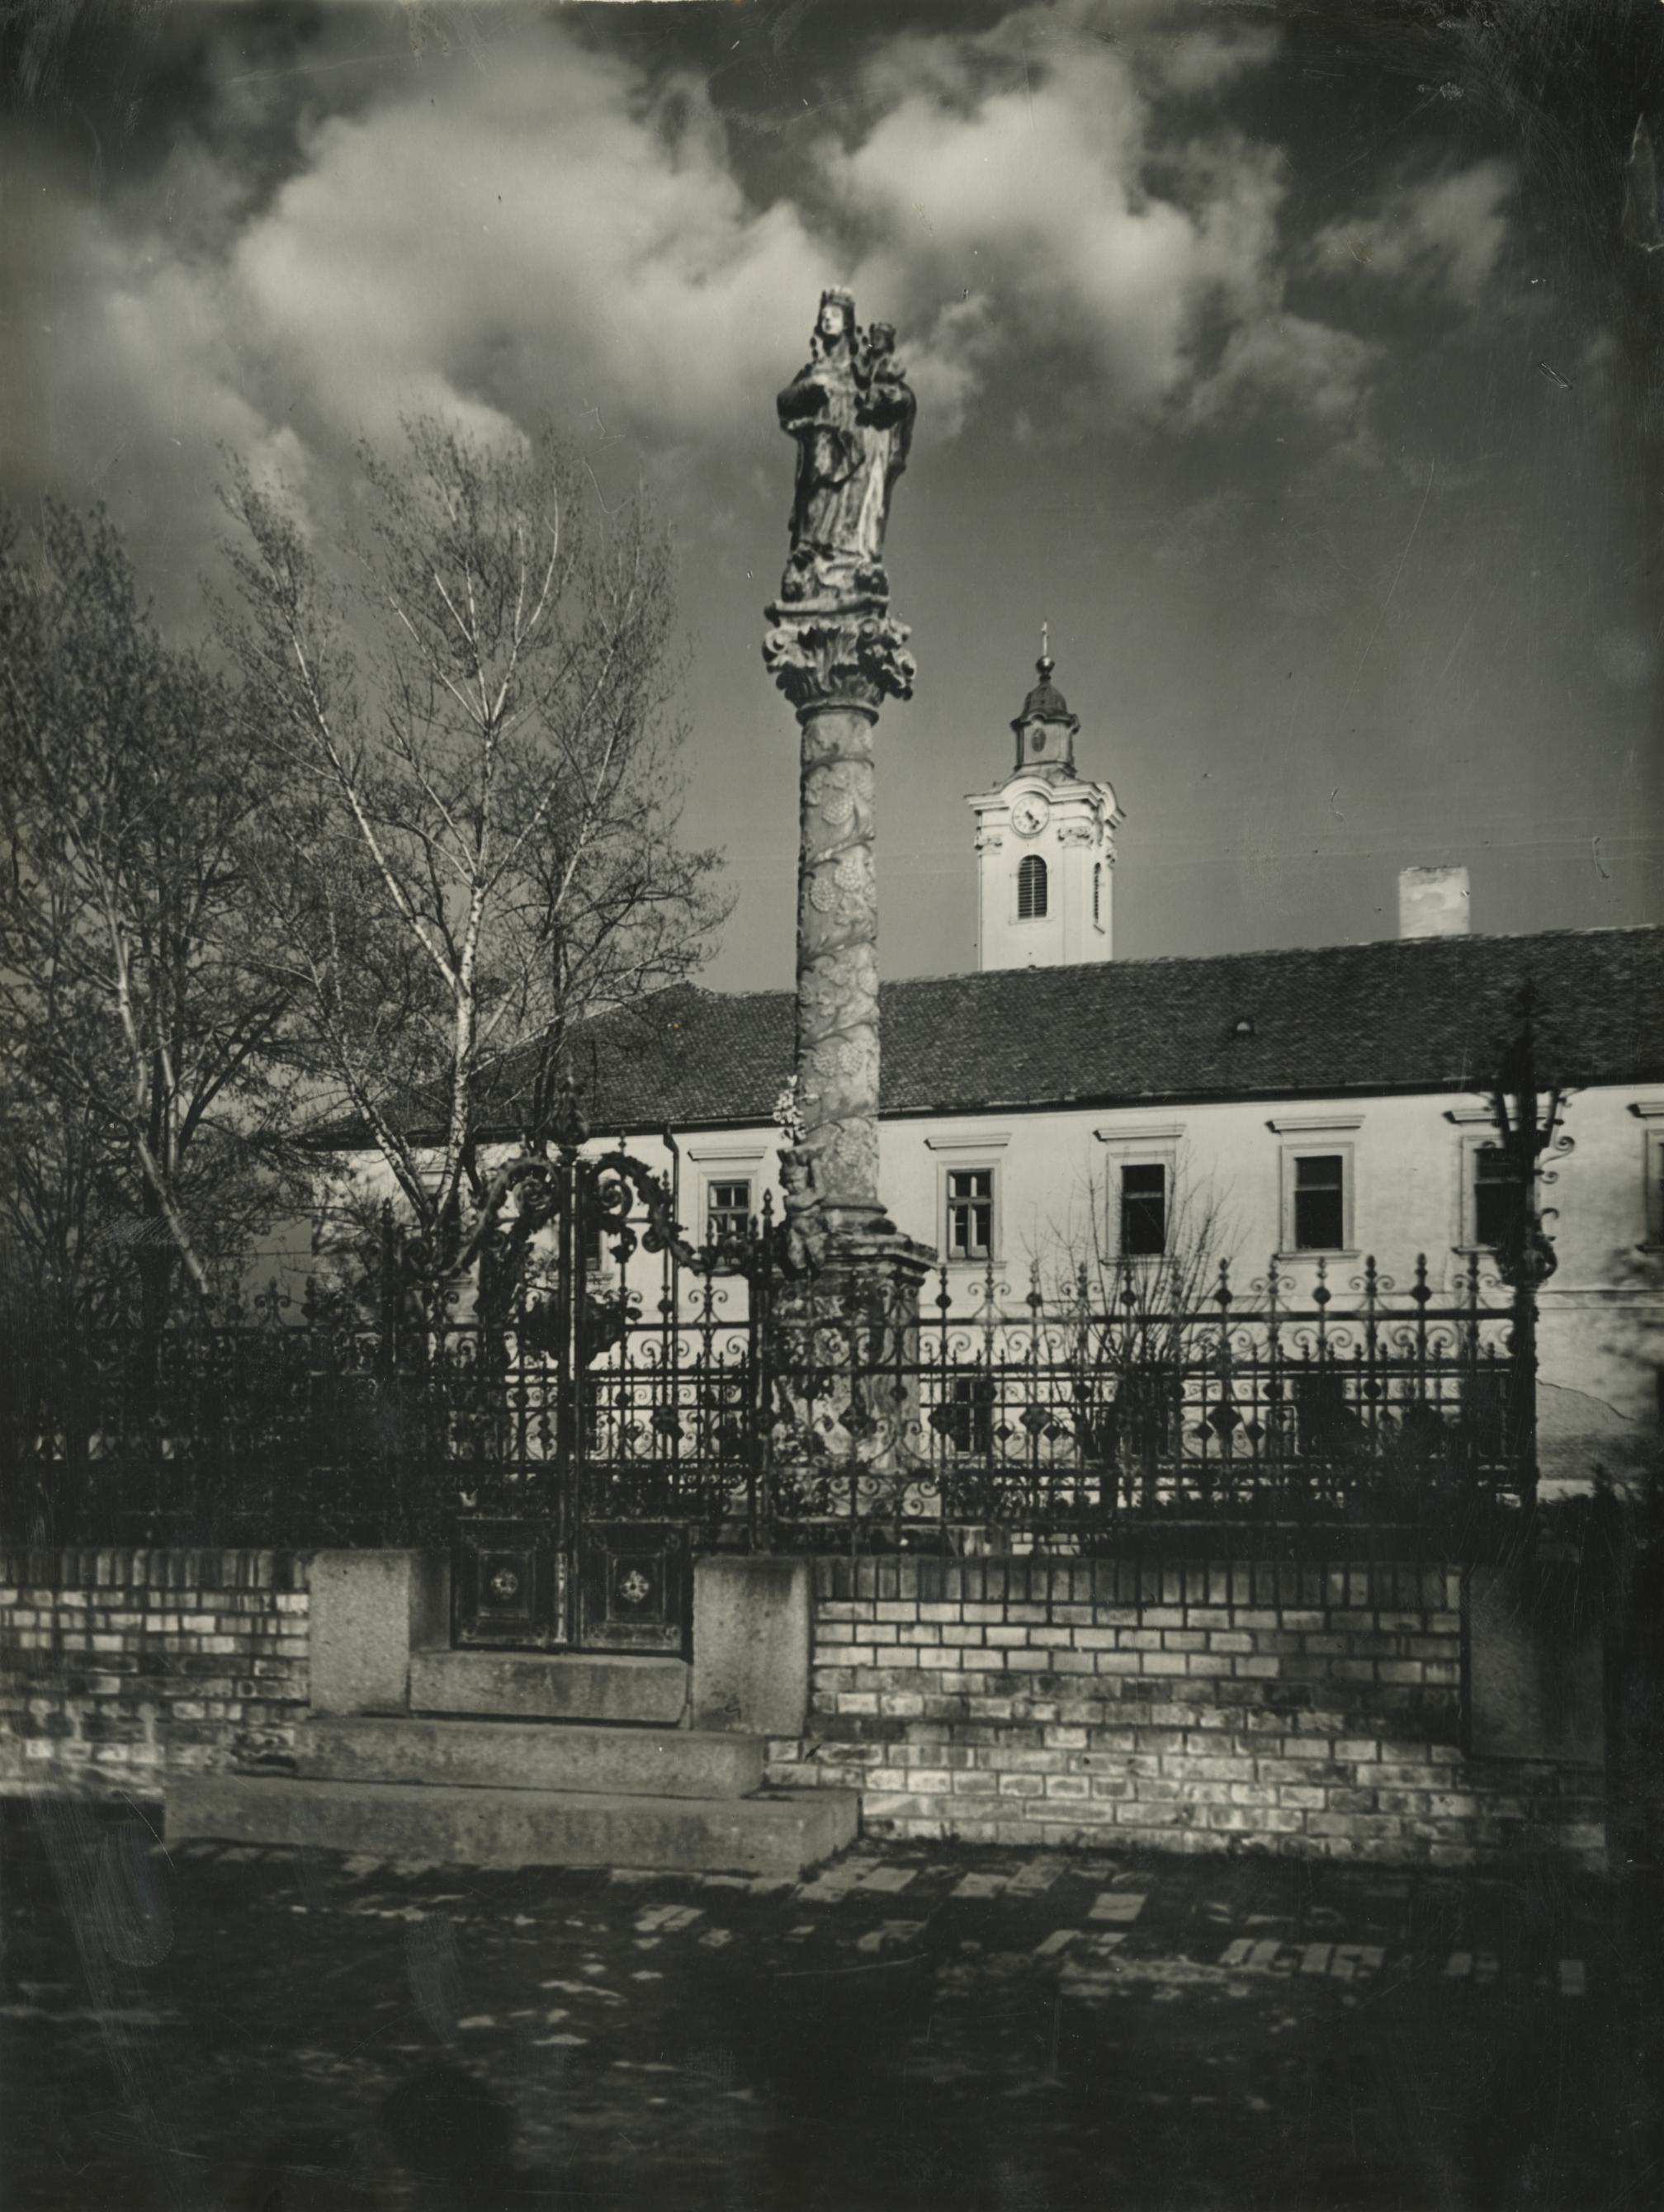 A Szeged-Felsővárosi Szent Miklós Plébániatemplom és kolostor udvarán lévő Mária-szobor